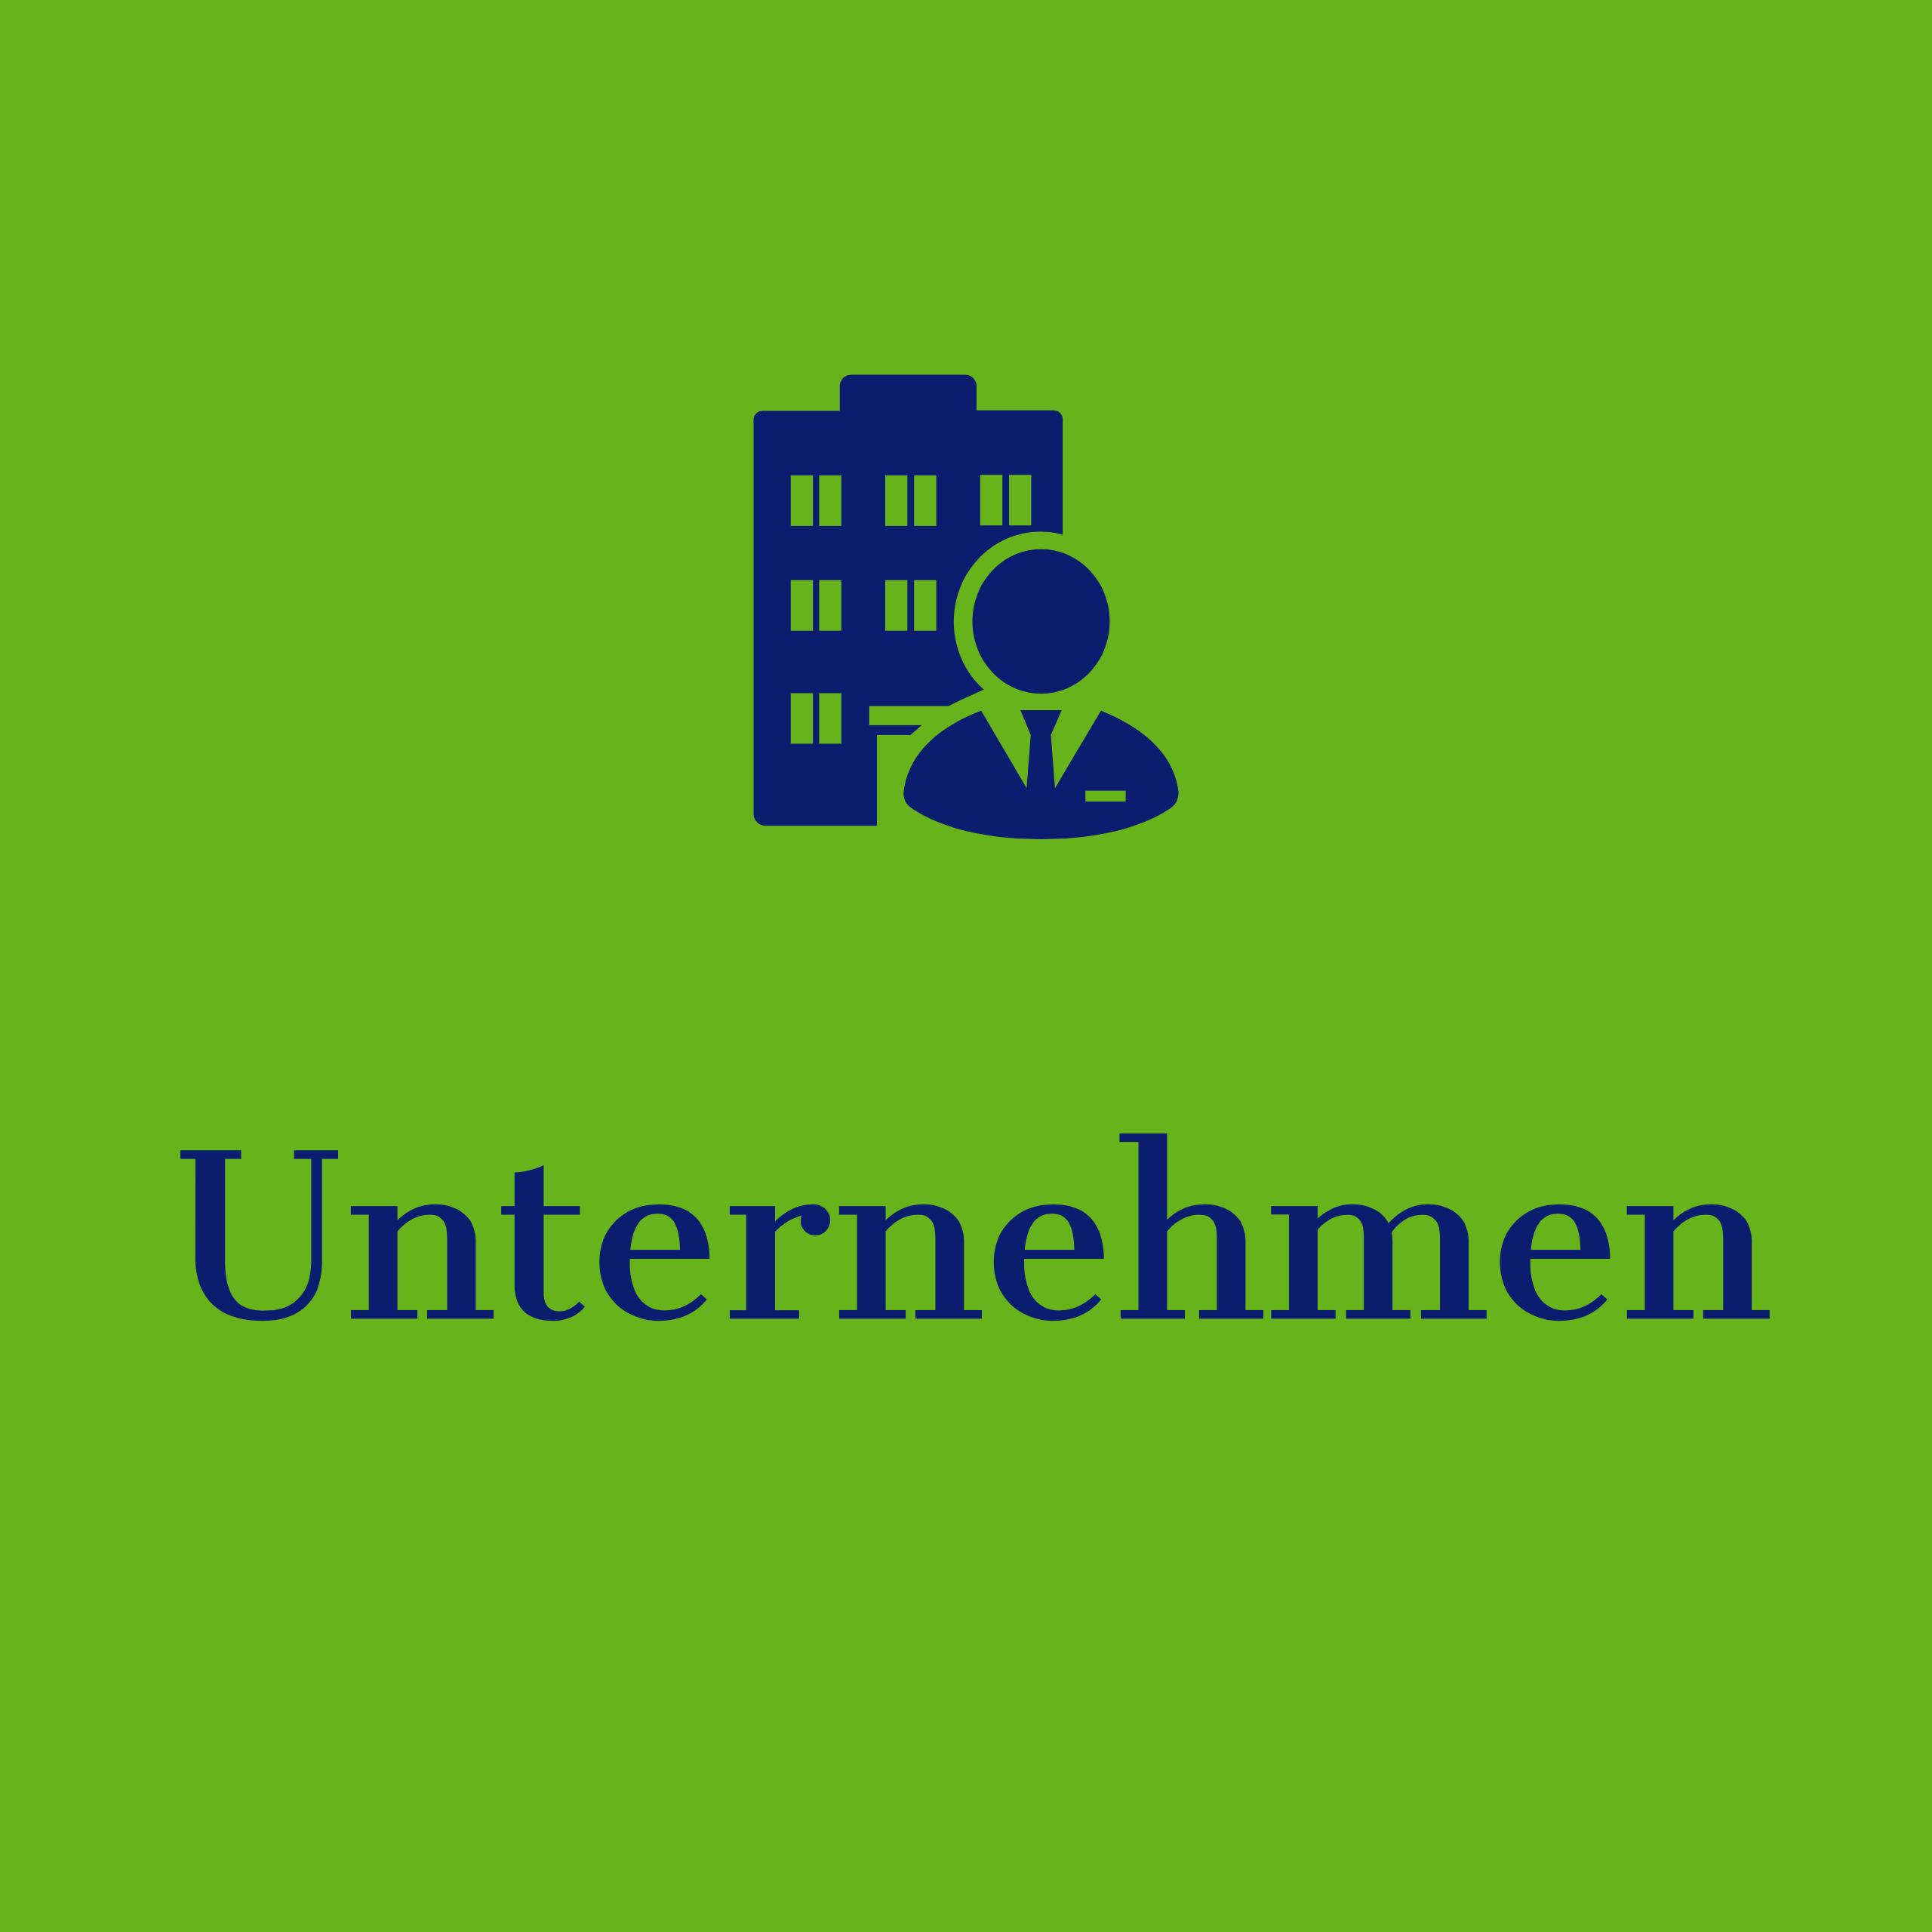 HomepageUnternhemen3